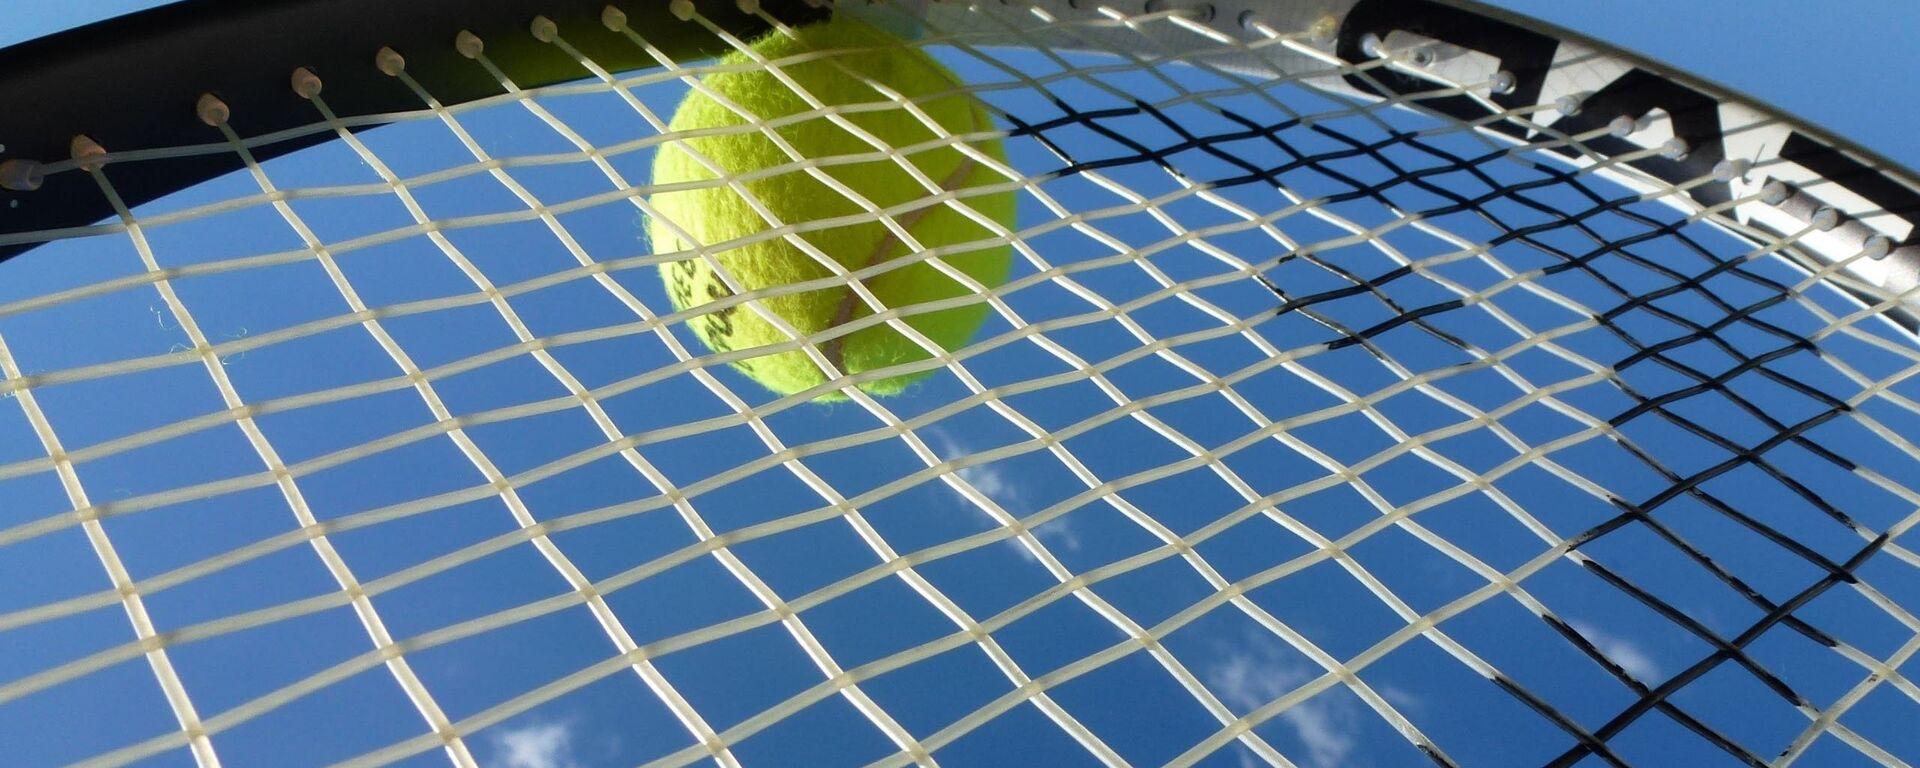 Теннисный мяч на ракетке - Sputnik Латвия, 1920, 29.01.2020